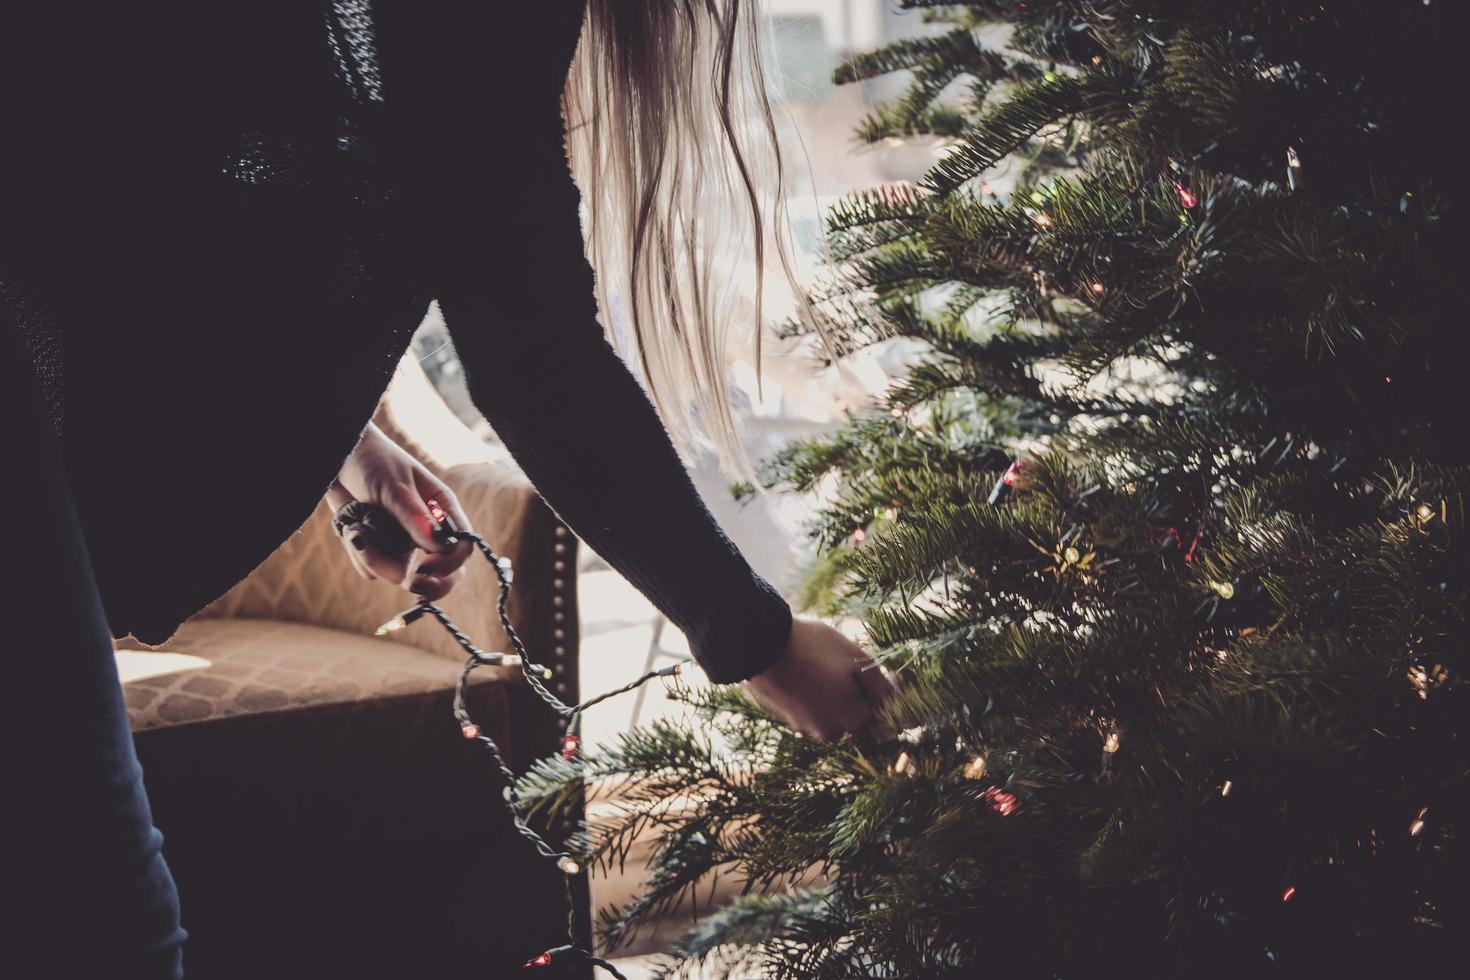 mujer decorando arbol de navidad foto